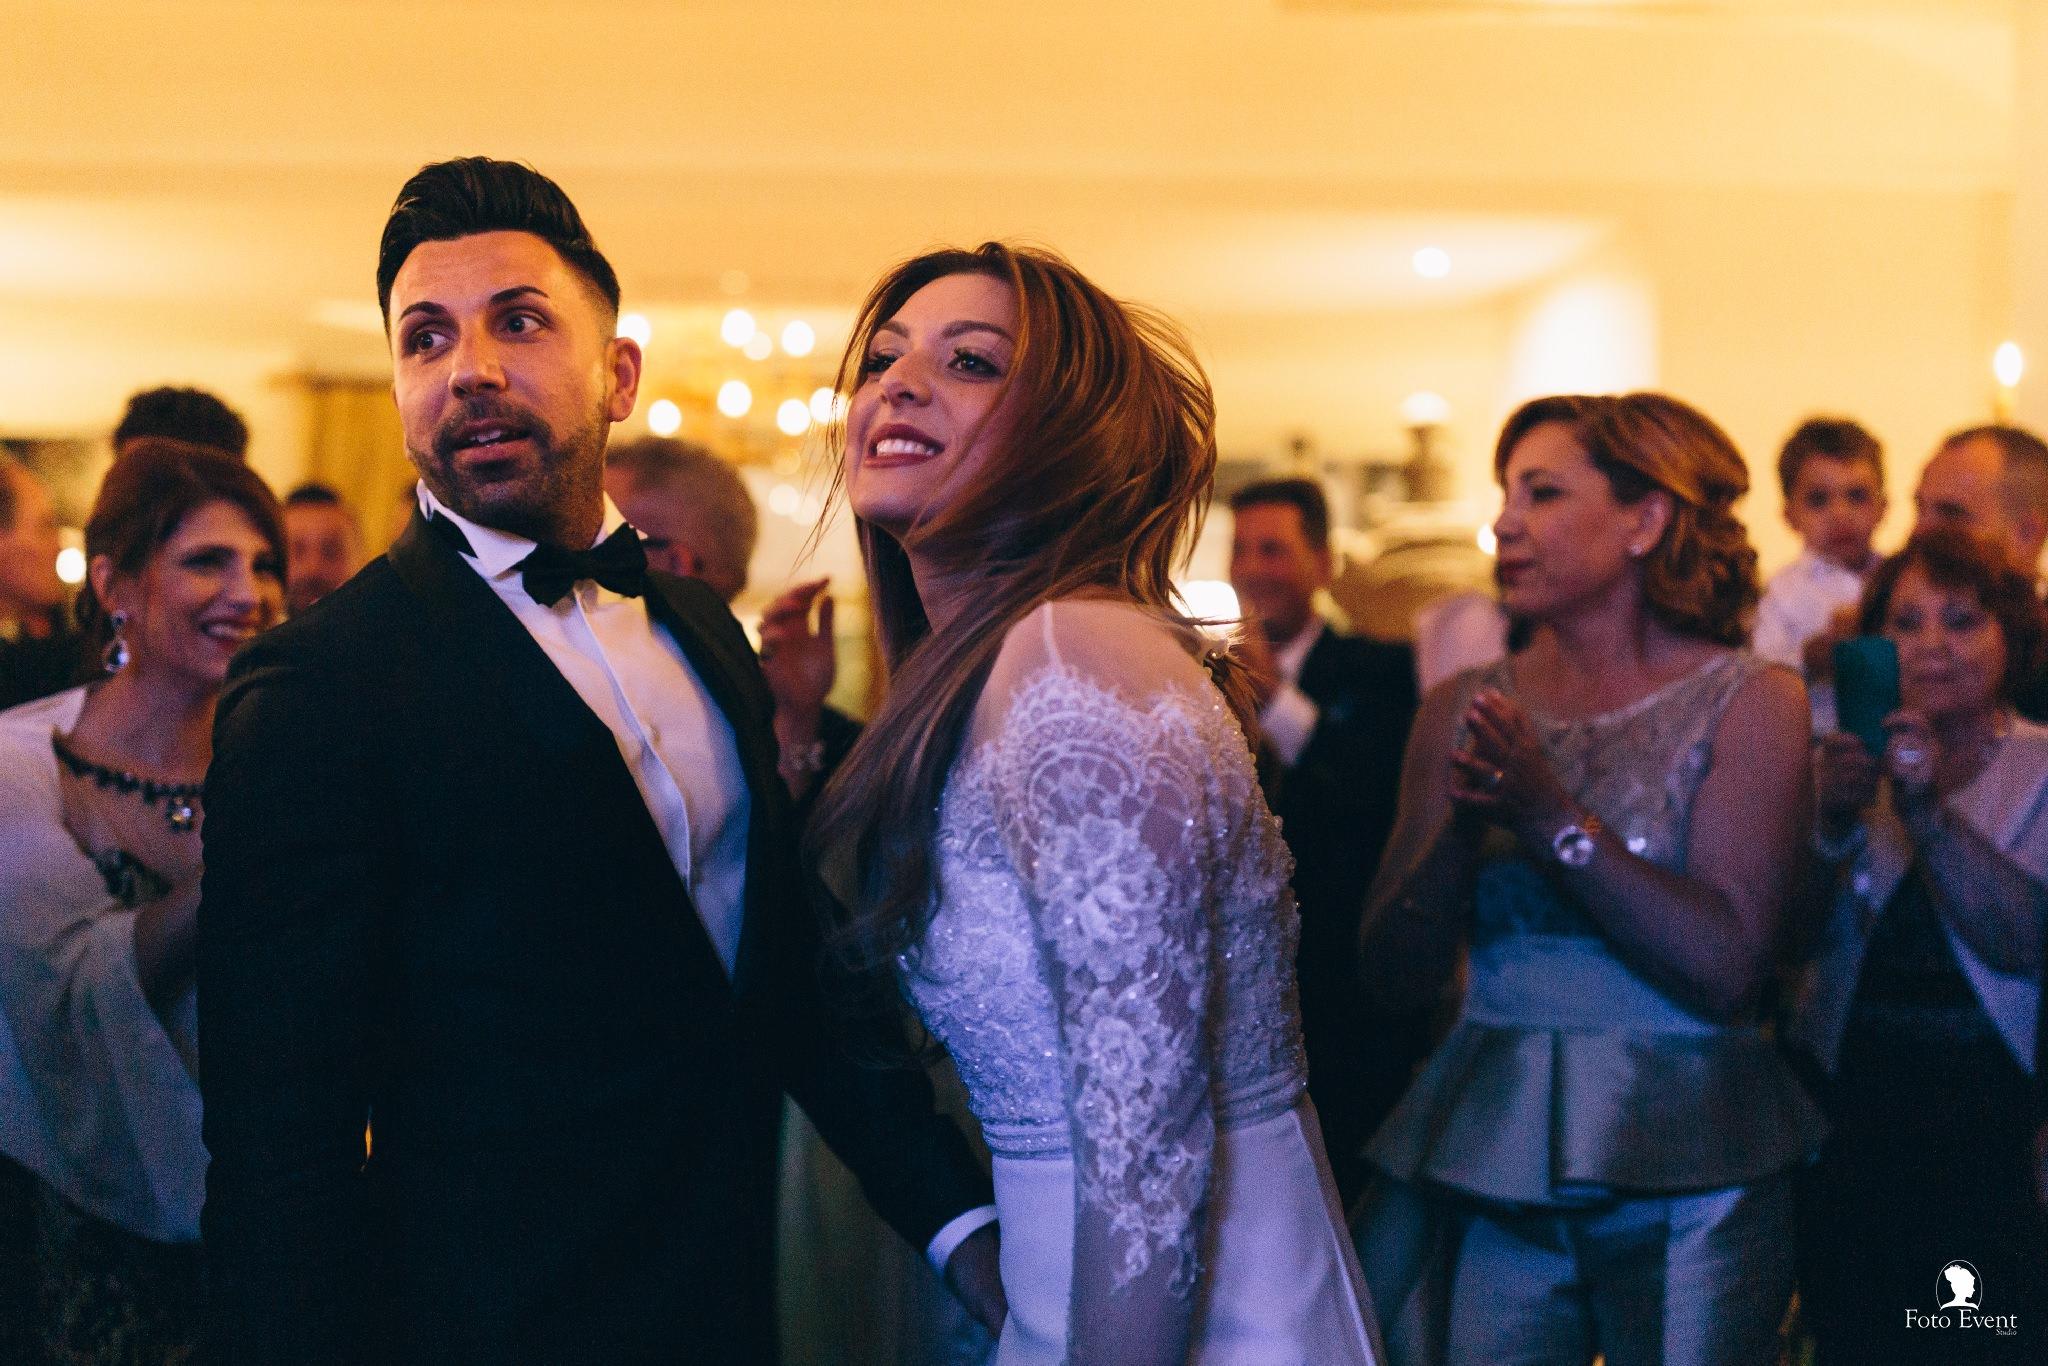 632-2019-05-09-Matrimonio-Maria-Concetta-e-Daniel-Gebbia-35mm-678